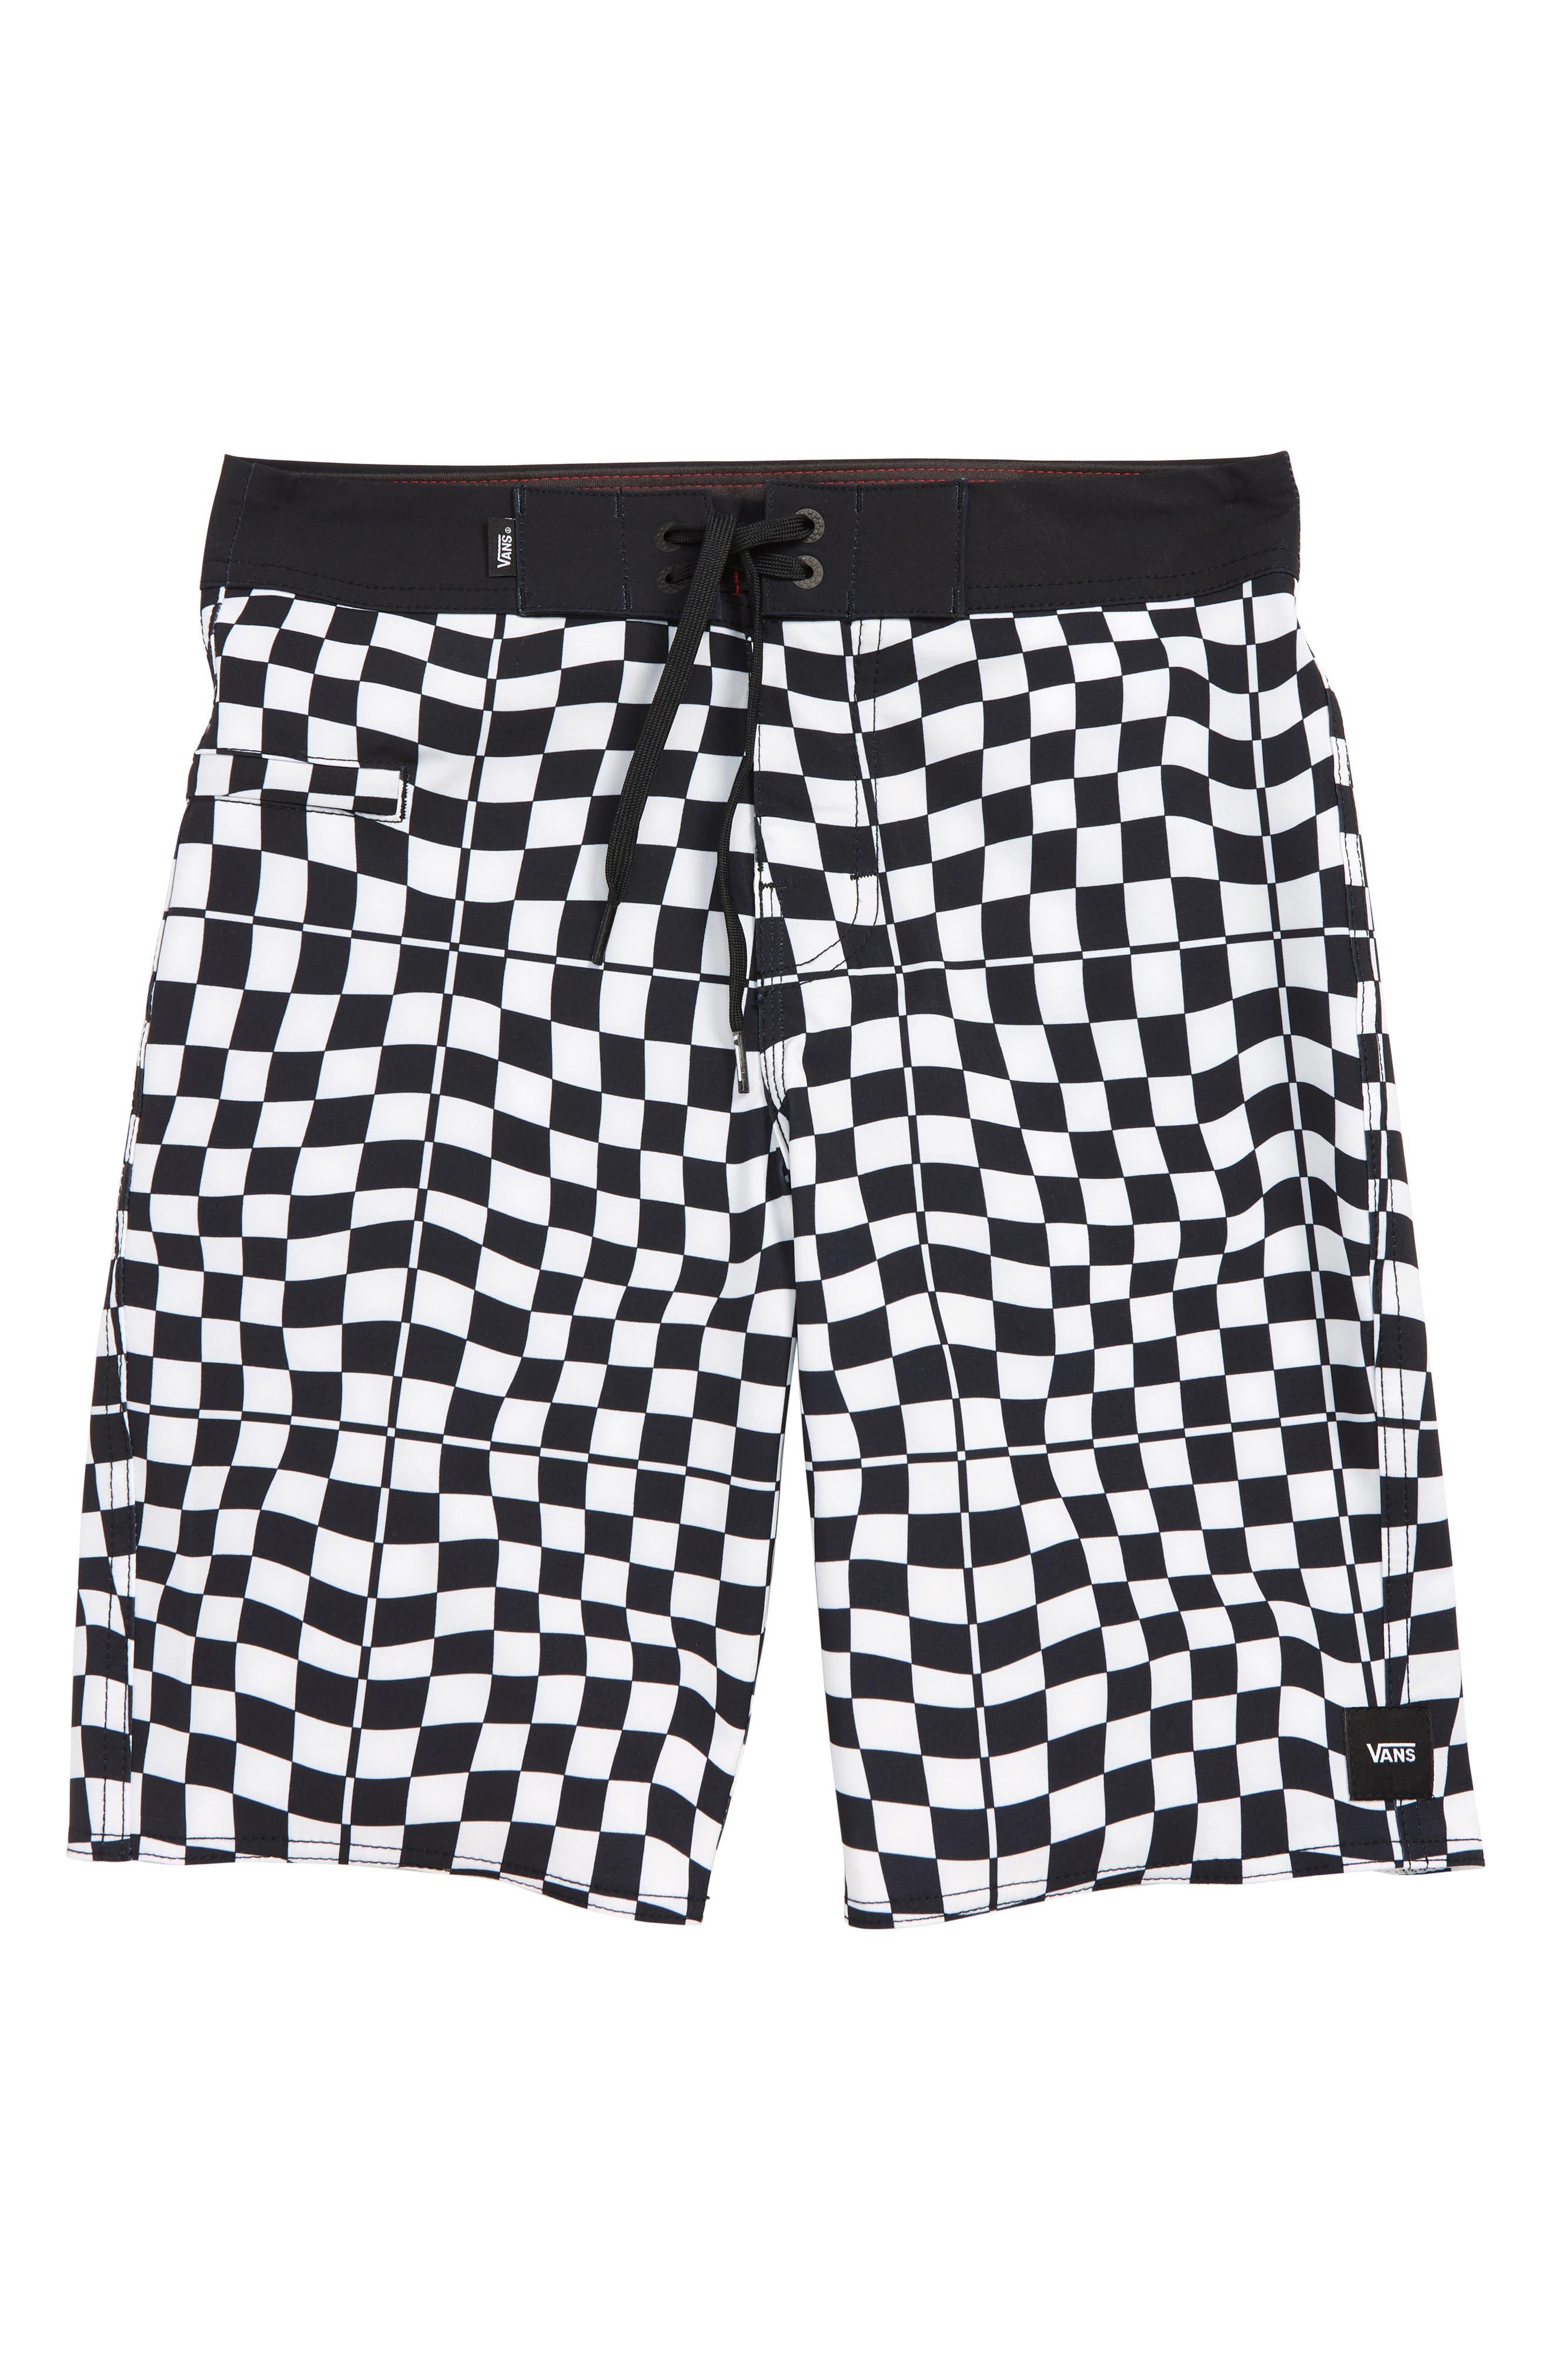 VANS,                             Mixed Check Board Shorts,                             Main thumbnail 1, color,                             WHITE